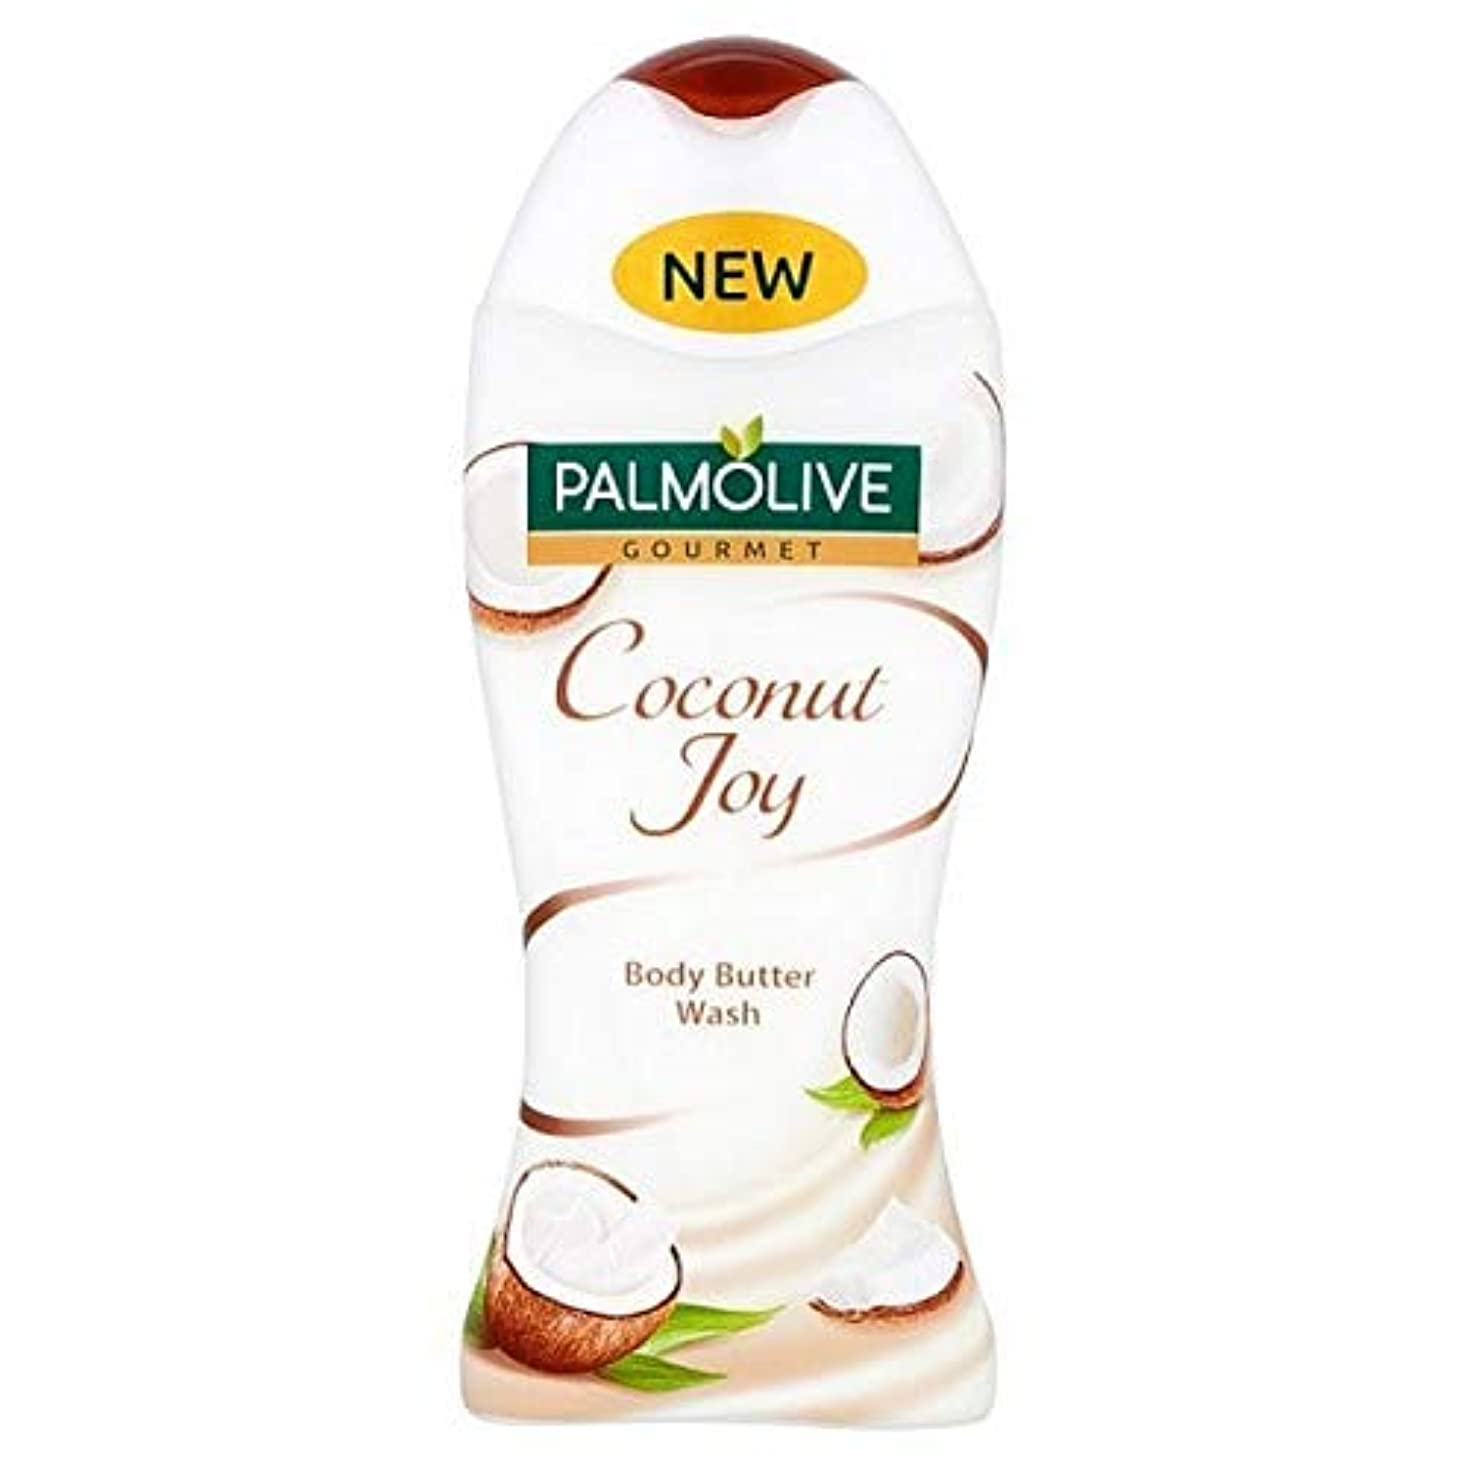 請求インフルエンザ忌まわしい[Palmolive ] パルモグルメココナッツシャワージェル250ミリリットル - Palmolive Gourmet Coconut Shower Gel 250ml [並行輸入品]